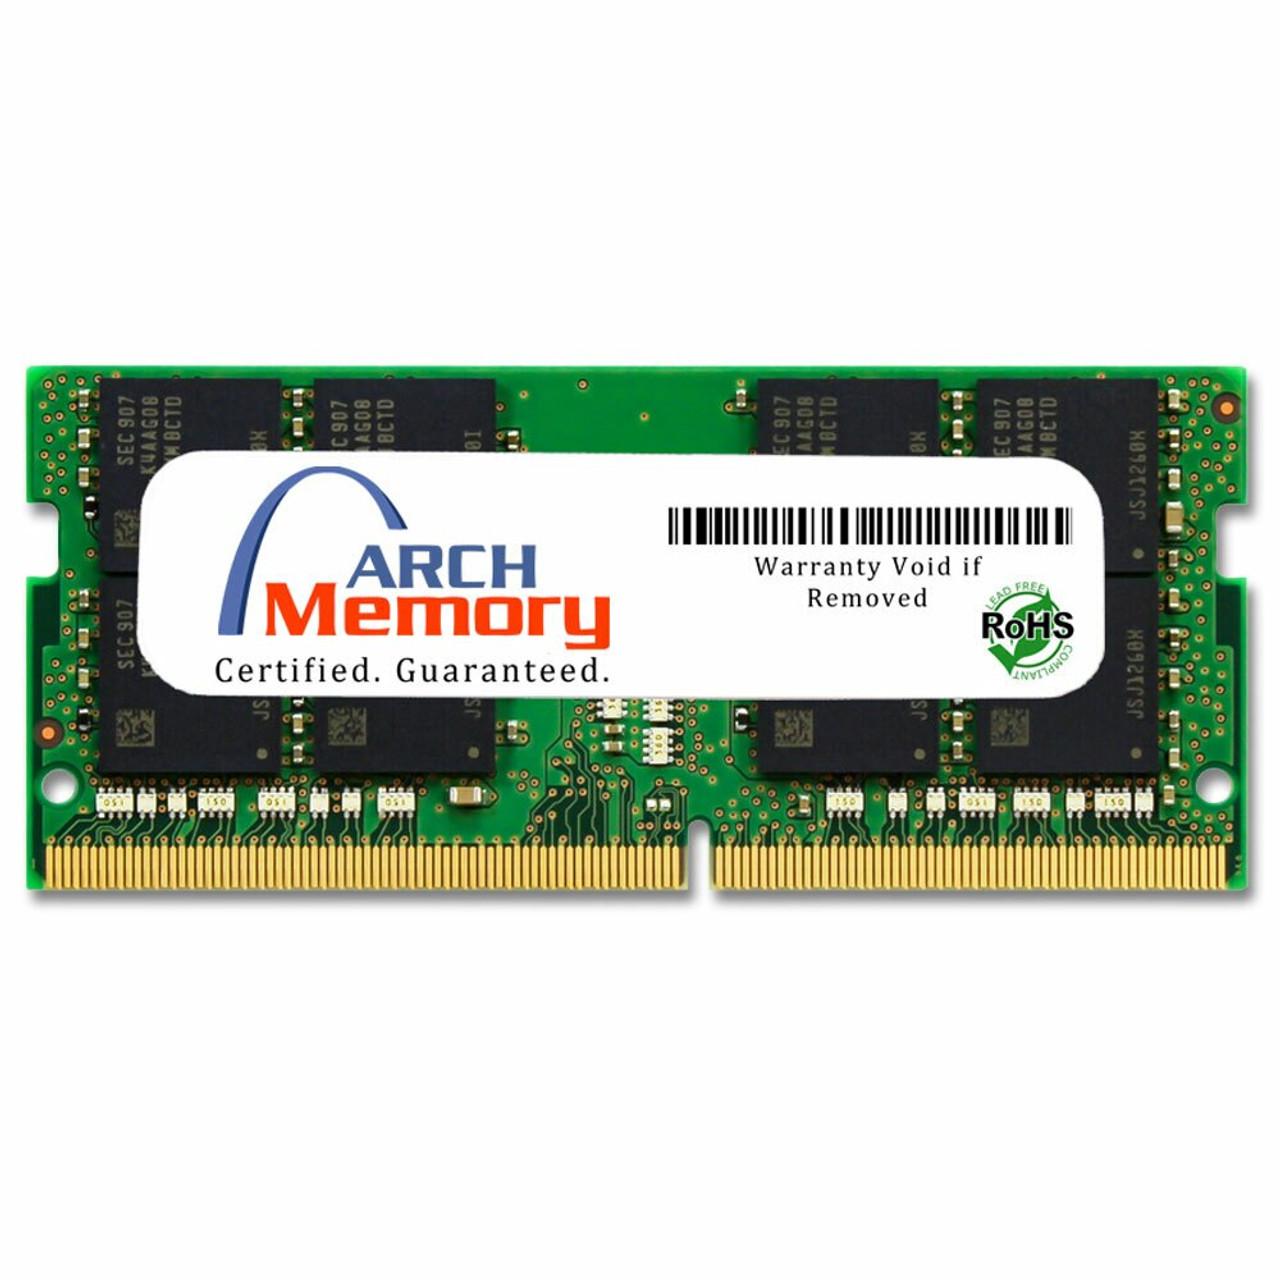 32GB 260-Pin DDR4-2933 PC4-23466 Sodimm RAM